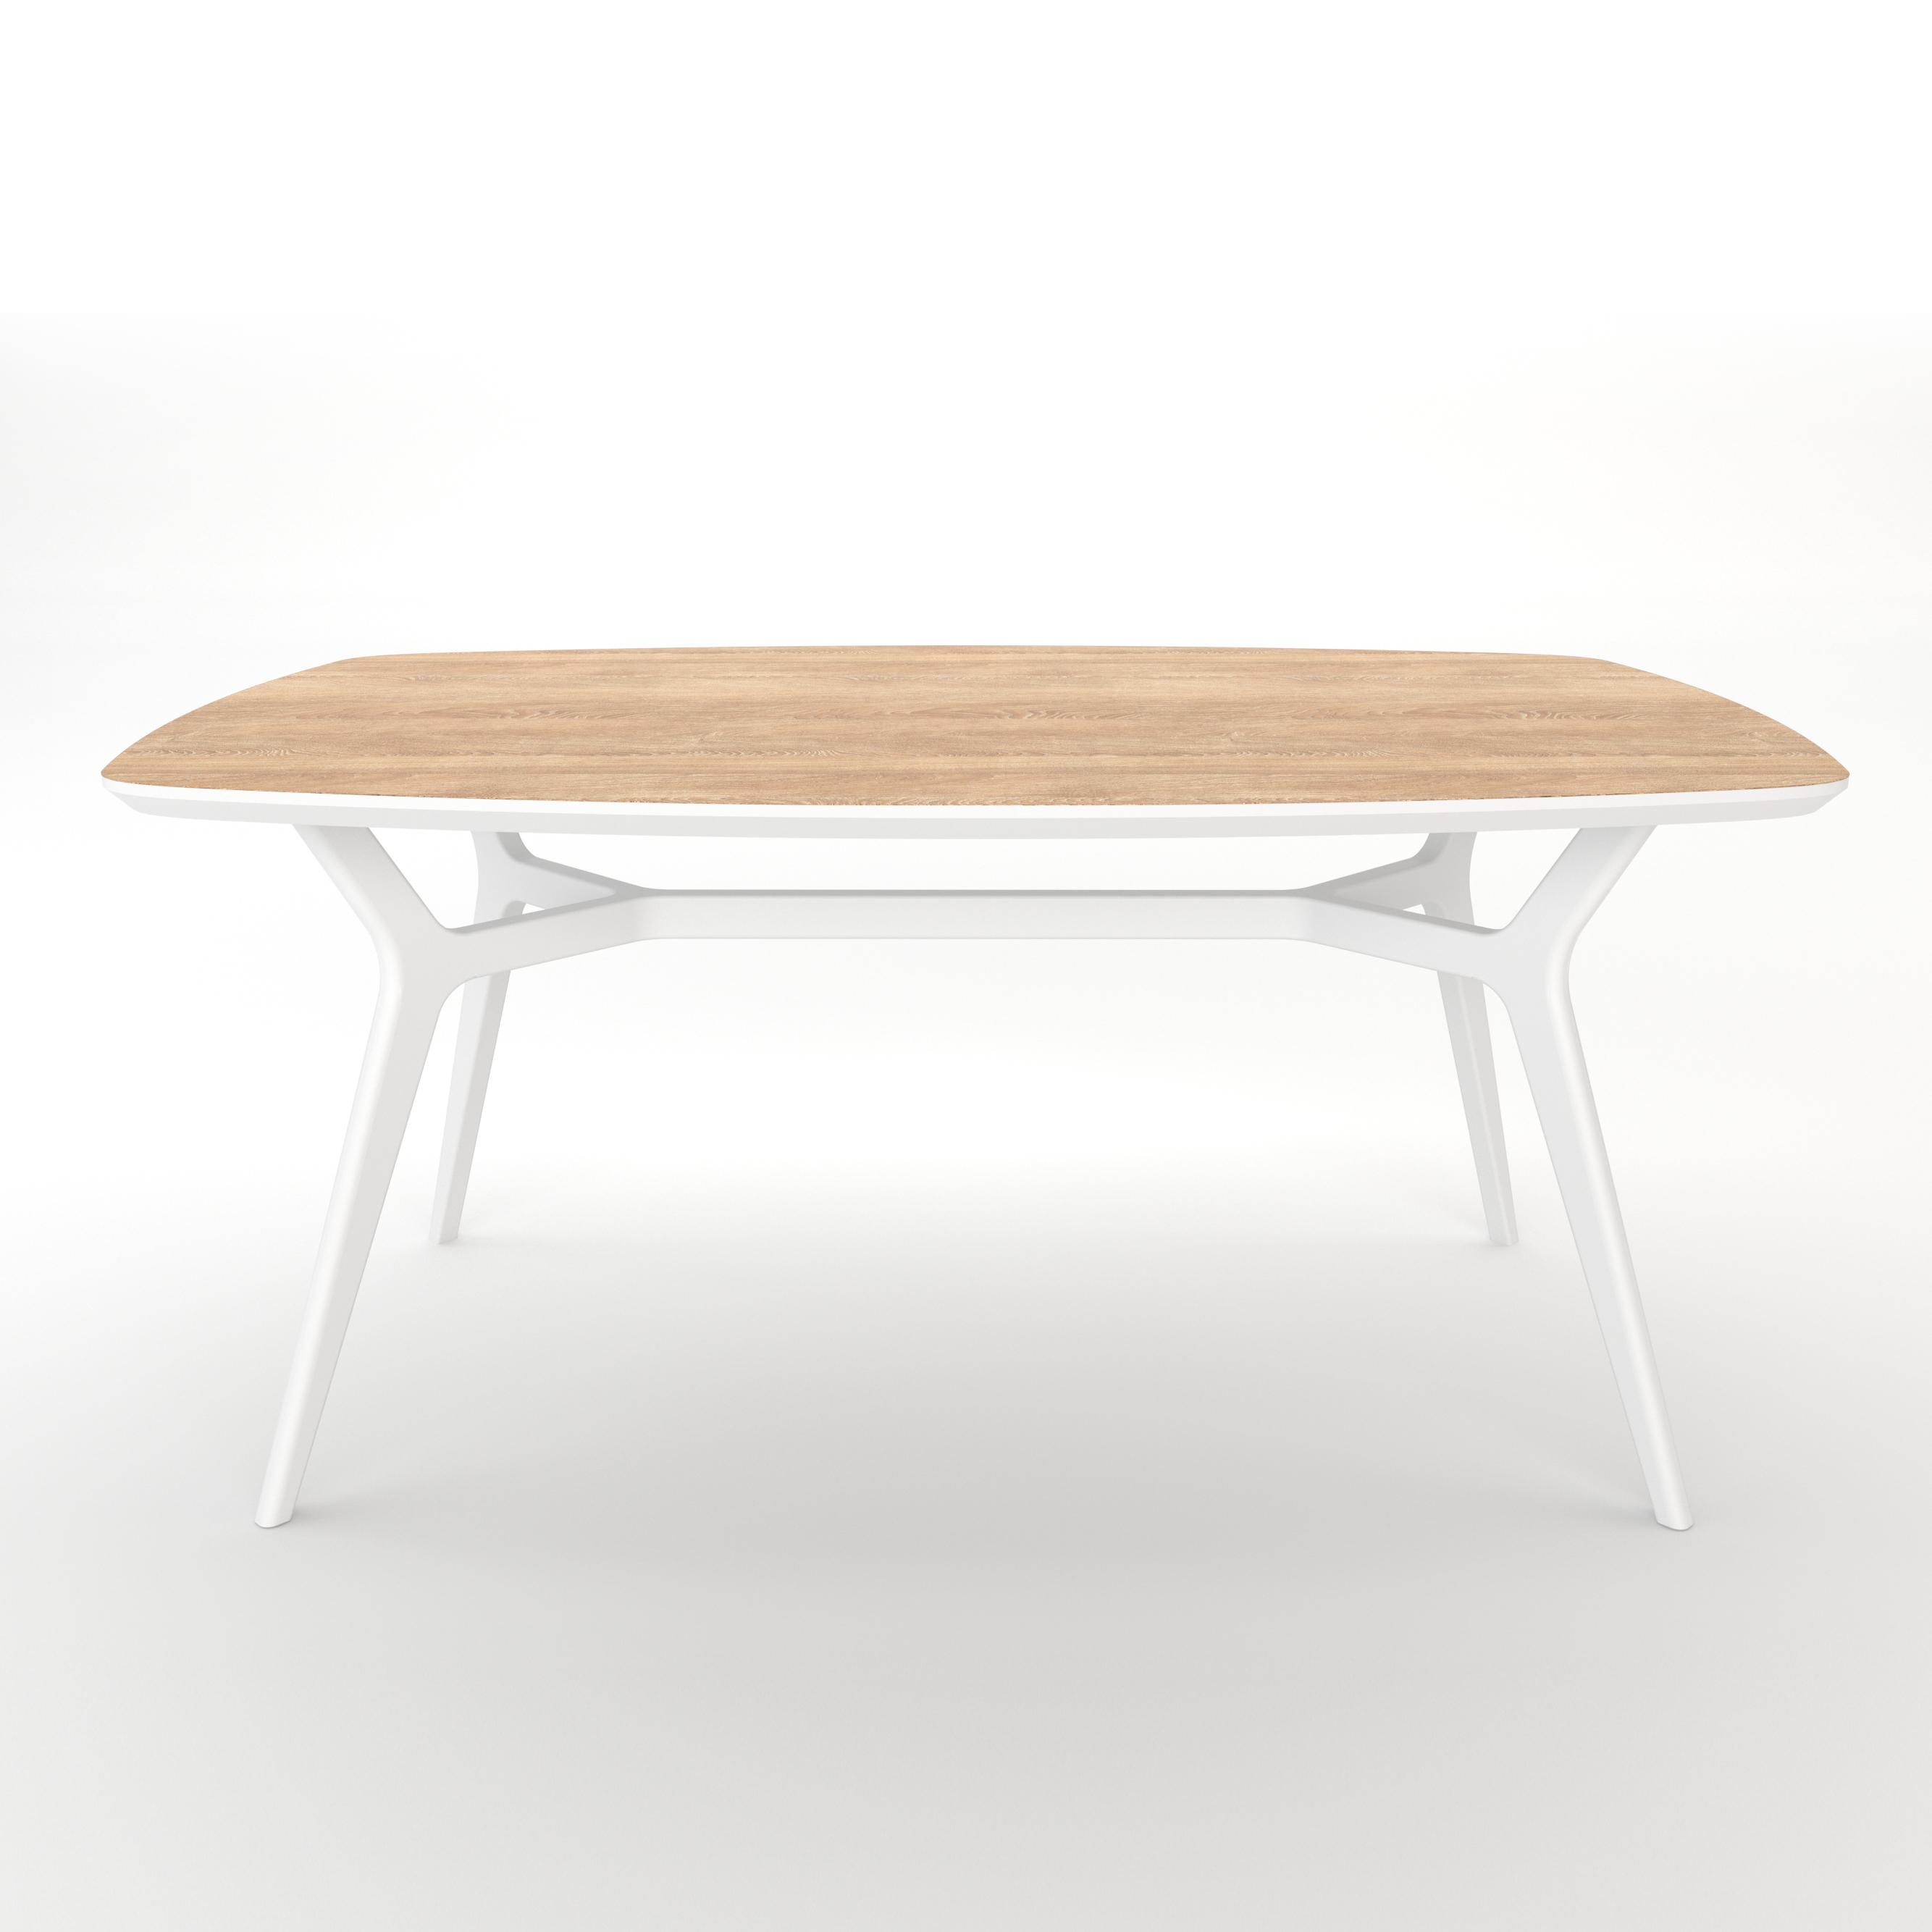 Стол JohannОбеденные столы<br>Тщательная проработка деталей и пропорций стола позволяет ему идеально вписаться в любой интерьер.&amp;lt;div&amp;gt;&amp;lt;br&amp;gt;&amp;lt;/div&amp;gt;&amp;lt;div&amp;gt;Отделка столешницы шпоном дуба, подстолье выкрашено в белый цвет. Сборка не требуется.  &amp;lt;/div&amp;gt;<br><br>Material: МДФ<br>Ширина см: 140<br>Высота см: 75<br>Глубина см: 90